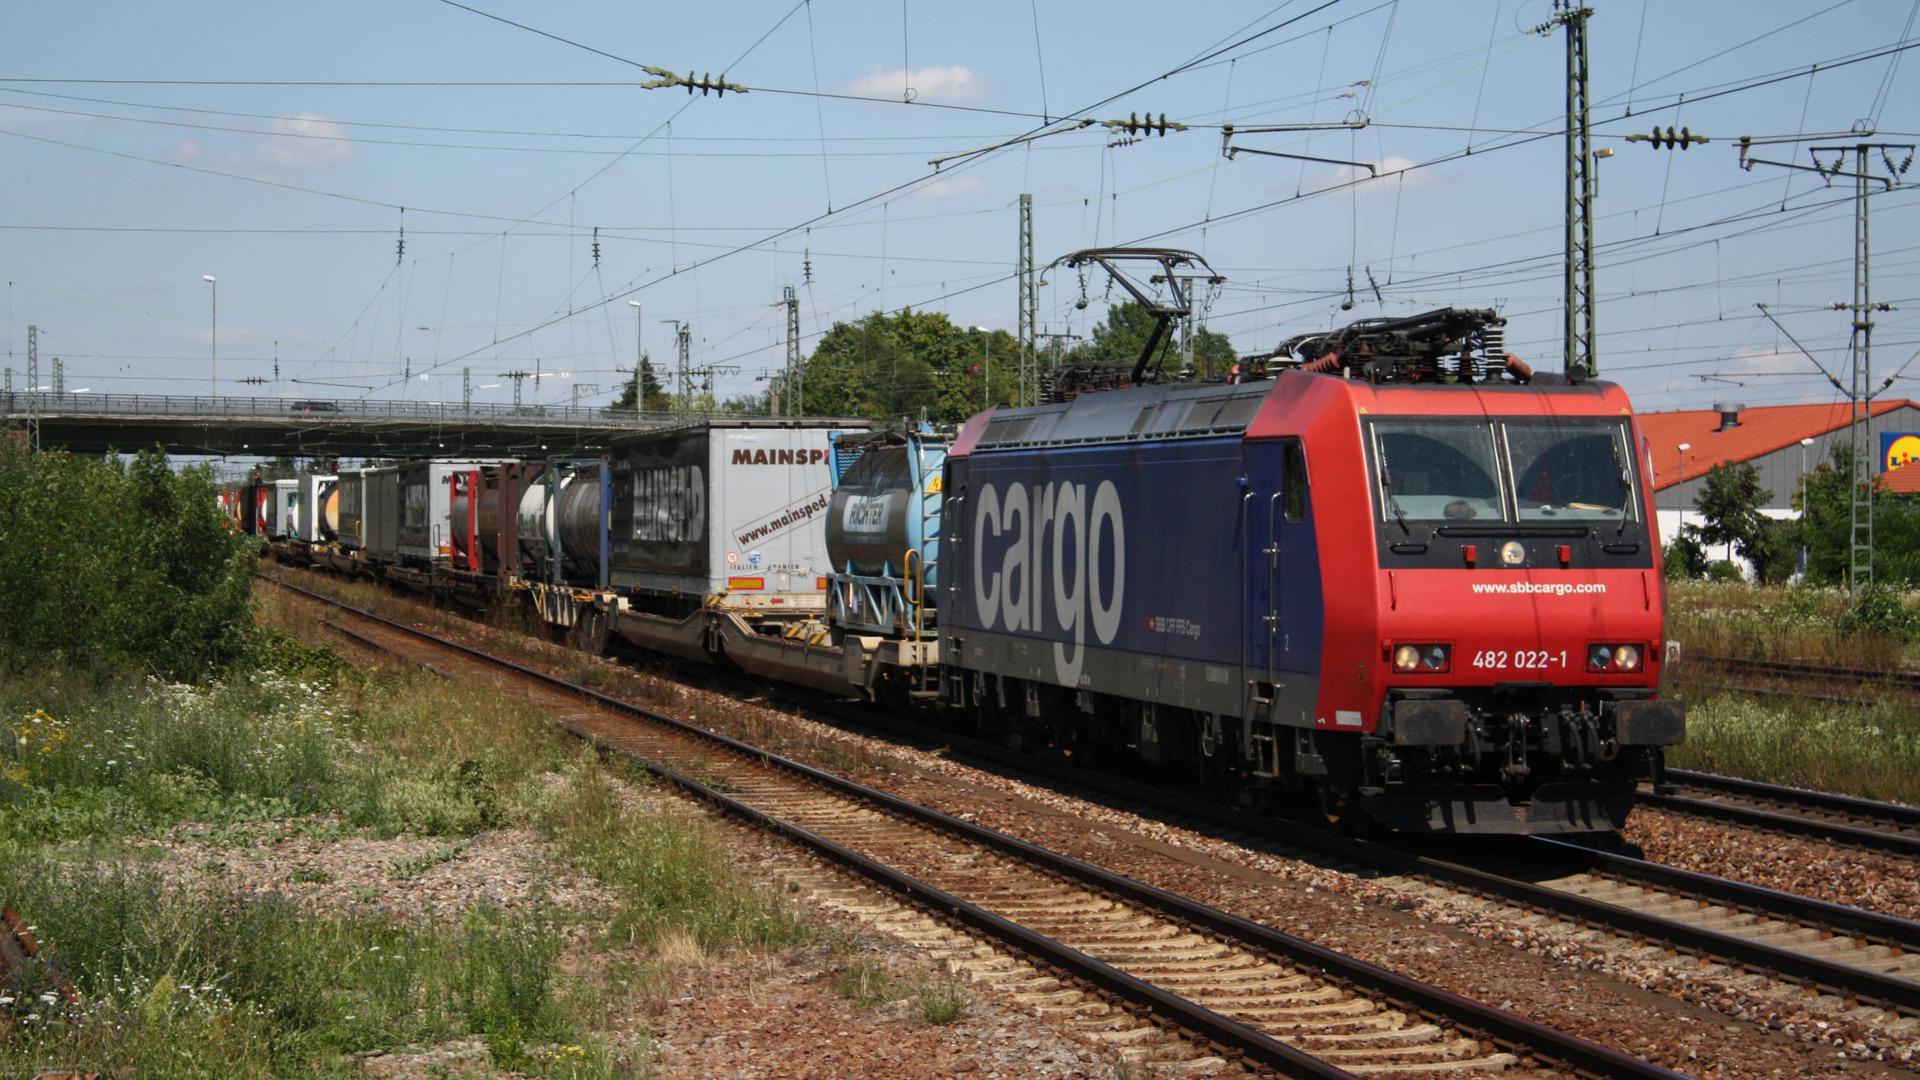 Graben-Neudorf: Ein Güterzug fährt durch den Bahnhof Graben-Neudorf.